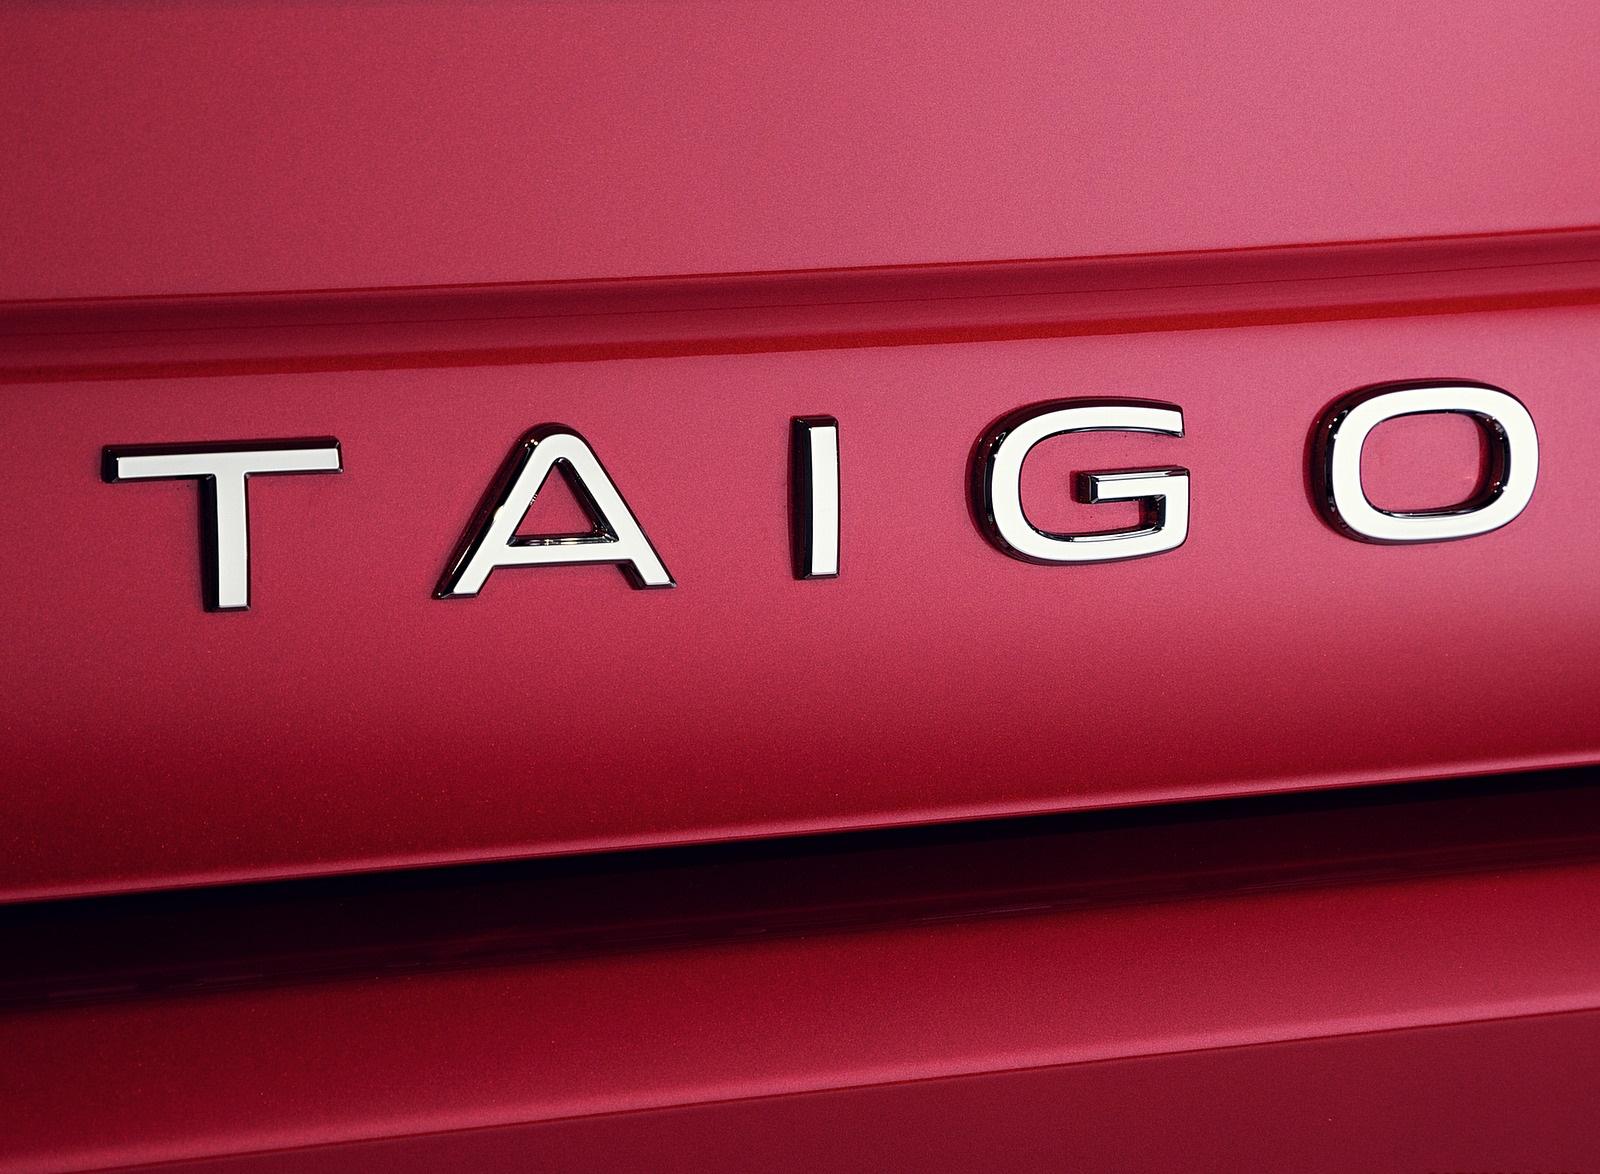 2022 Volkswagen Taigo R-Line Badge Wallpapers (8)